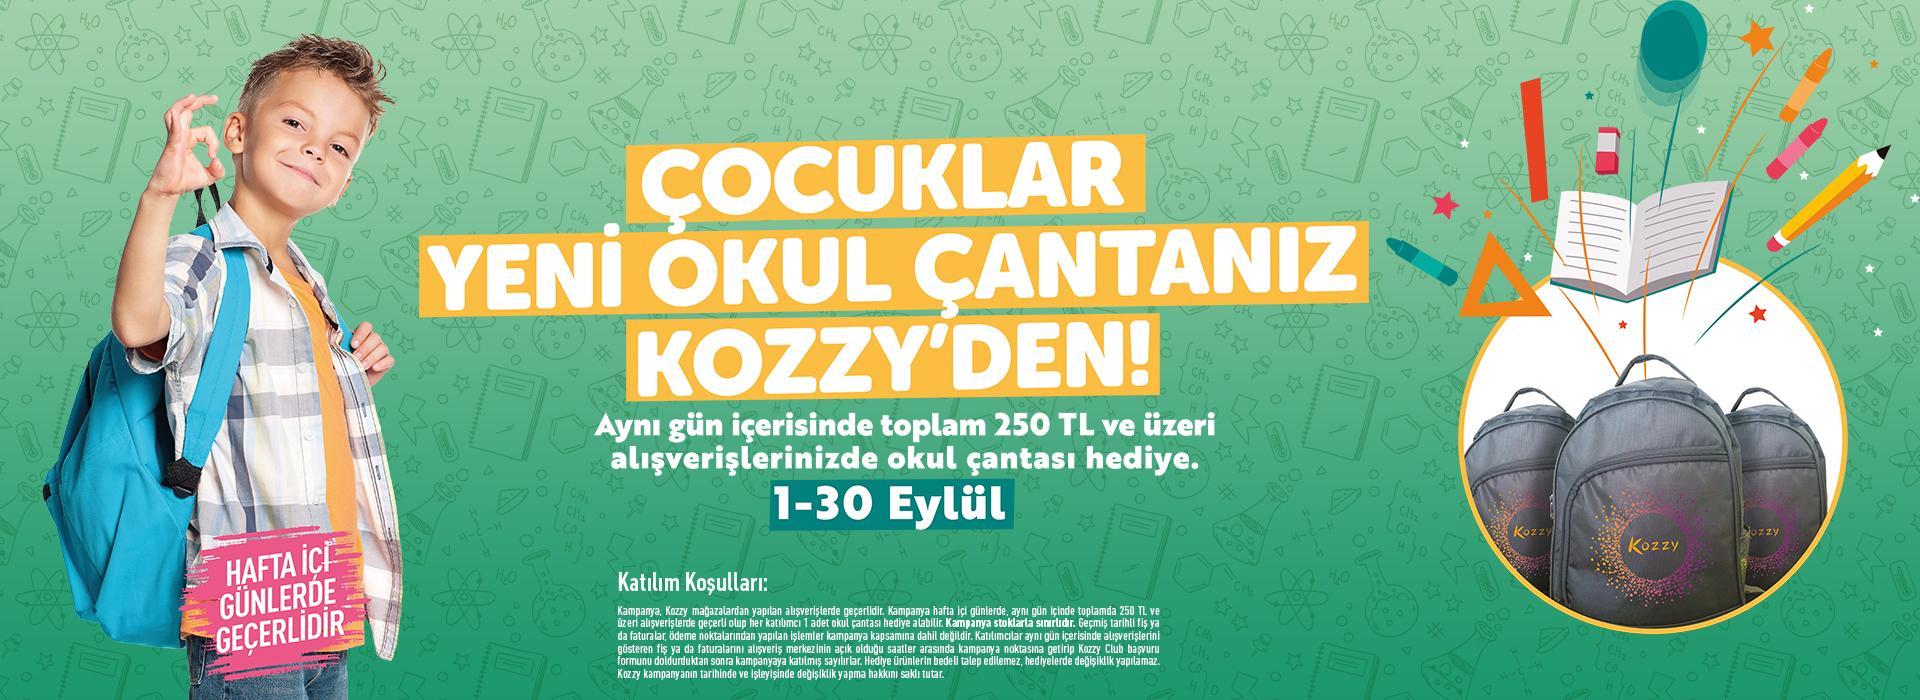 Çocuklar Yeni Okul Çantanız Kozzy'den!